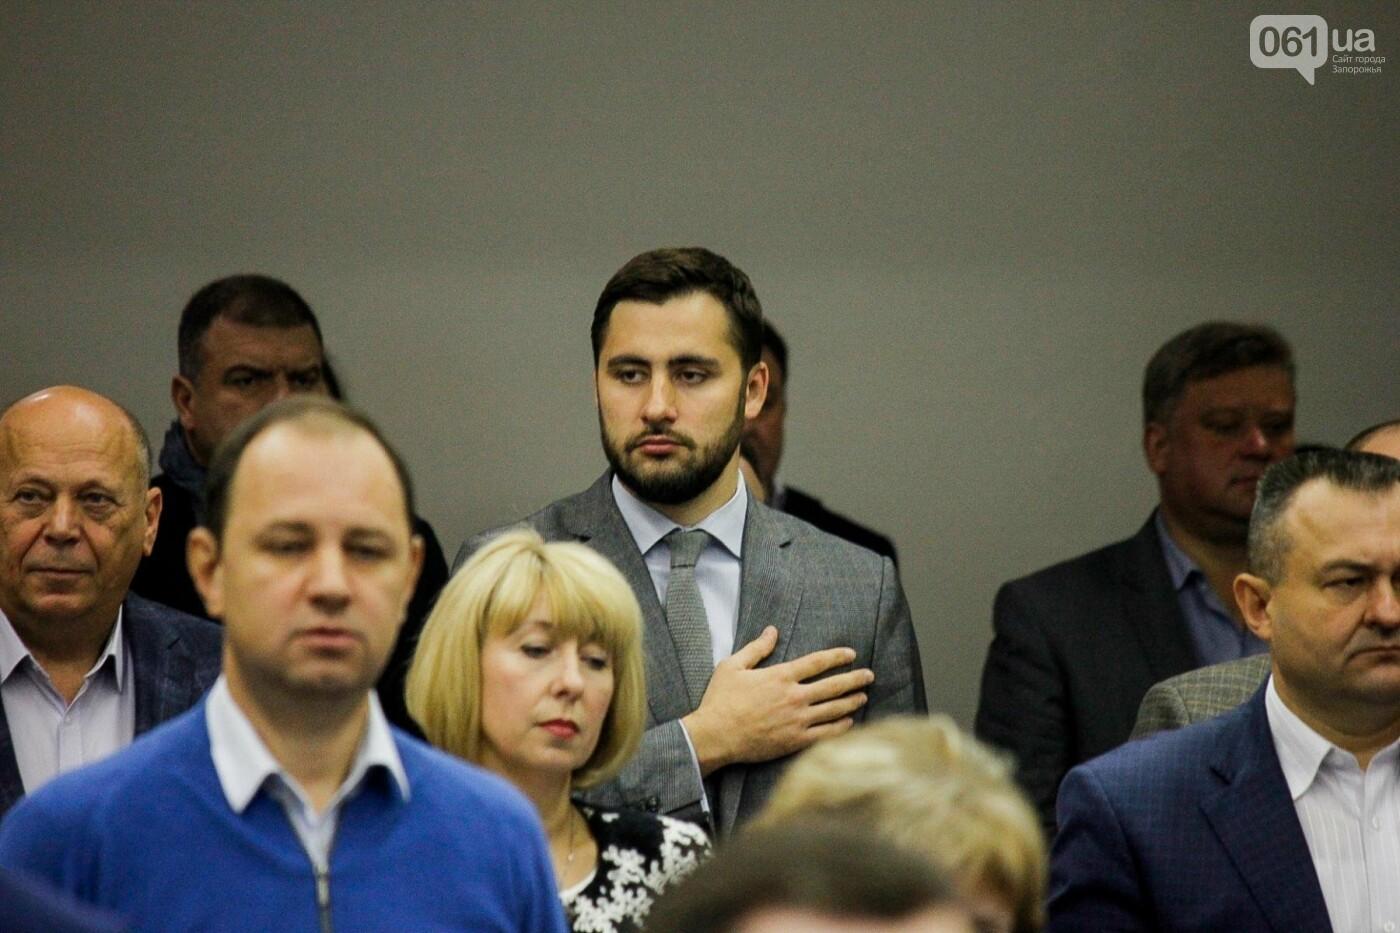 Сессия запорожского горсовета в 55 фотографиях, - ФОТОРЕПОРТАЖ, фото-16